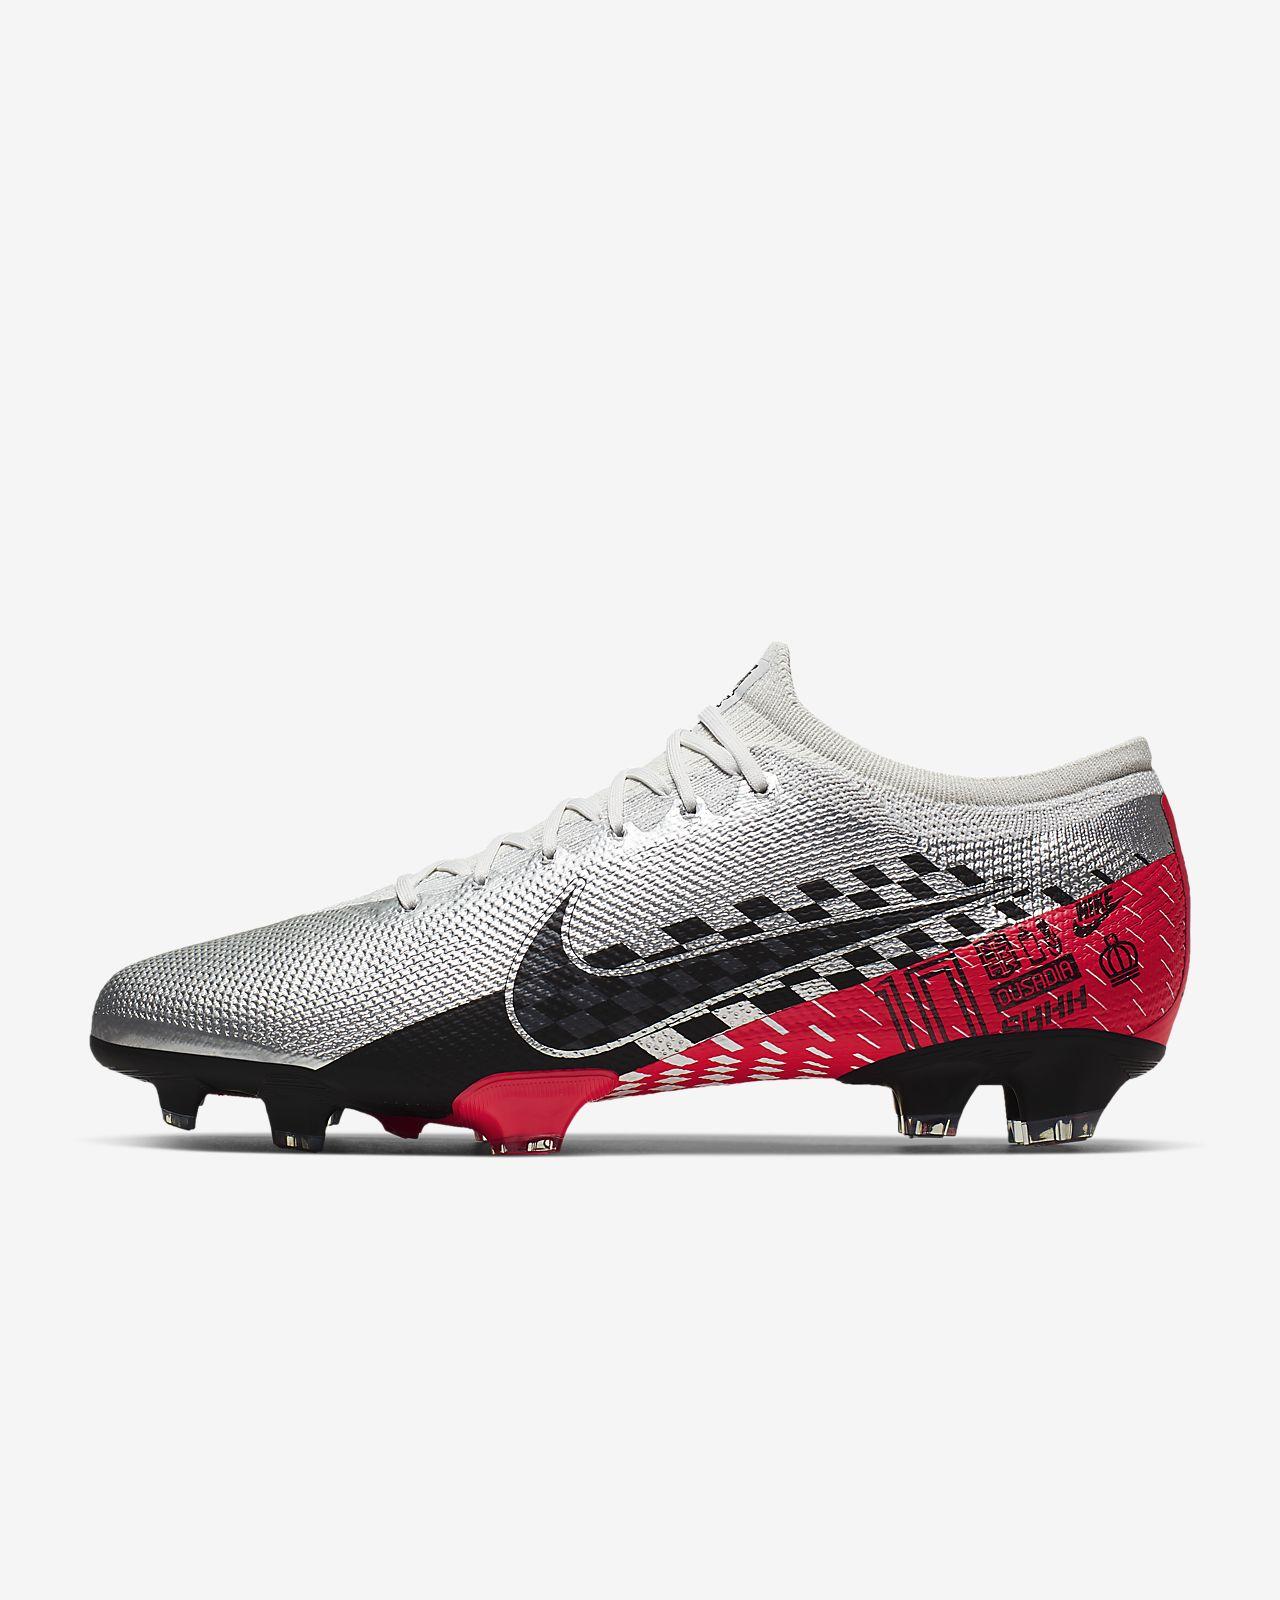 lowest price best deals on clearance sale Chaussure de football à crampons pour terrain sec Nike Mercurial Vapor 13  Pro Neymar Jr. FG